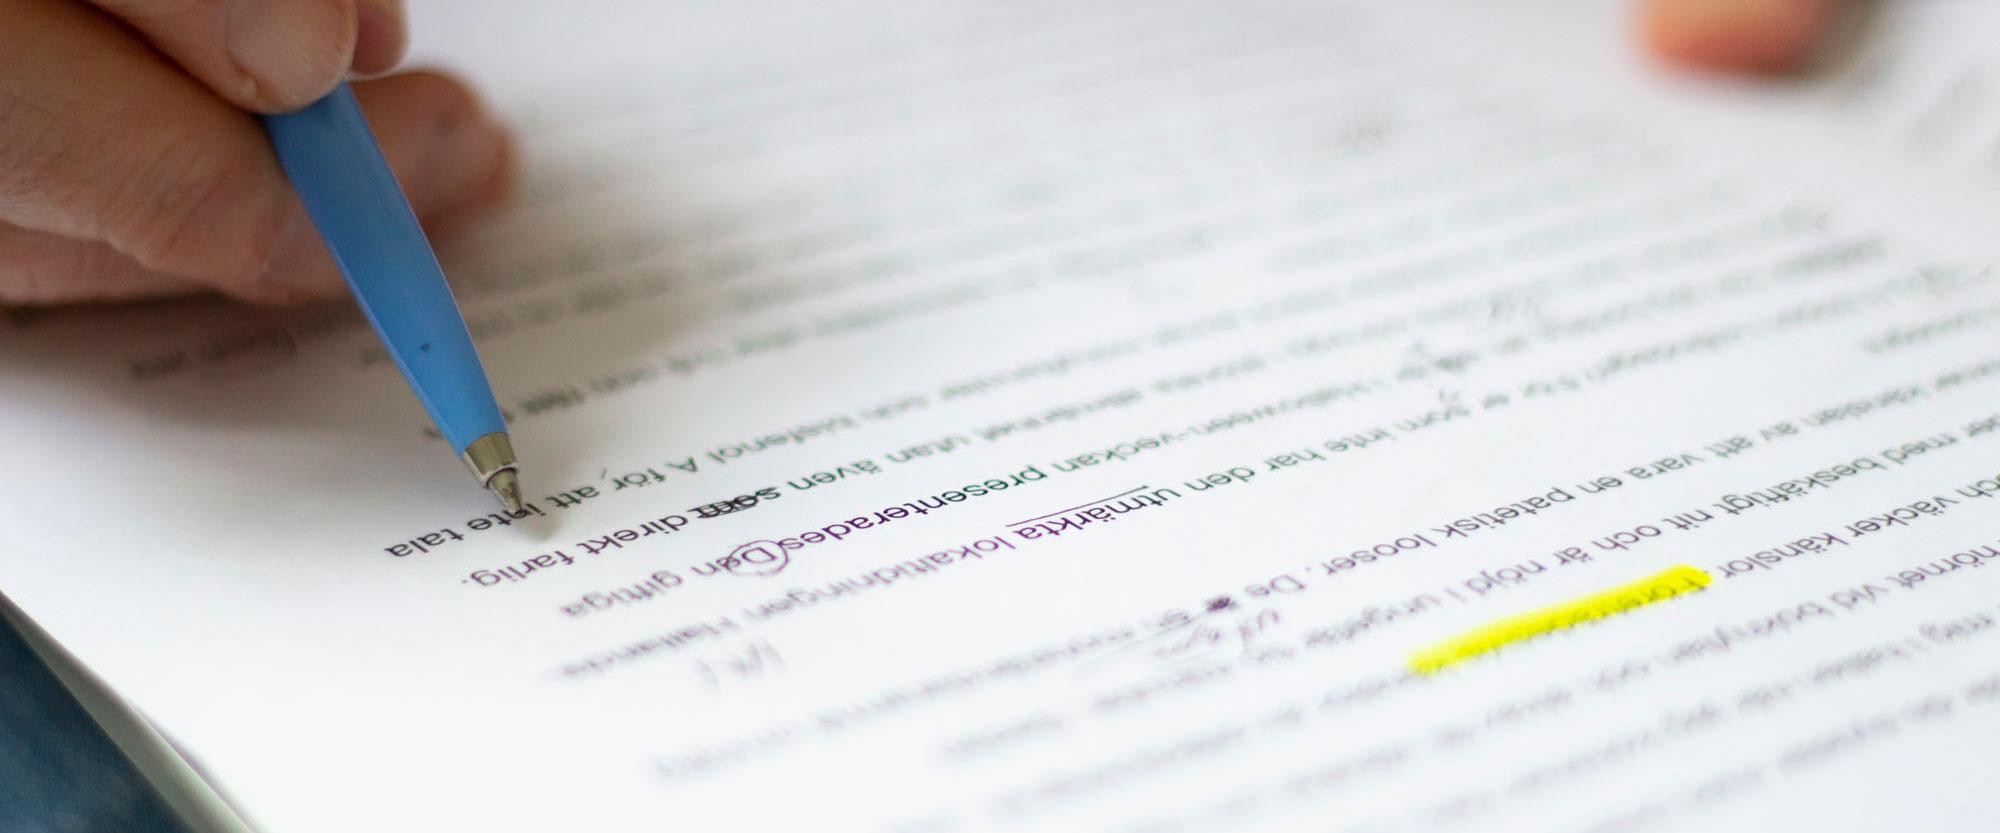 Onlinekurs Skrivregler